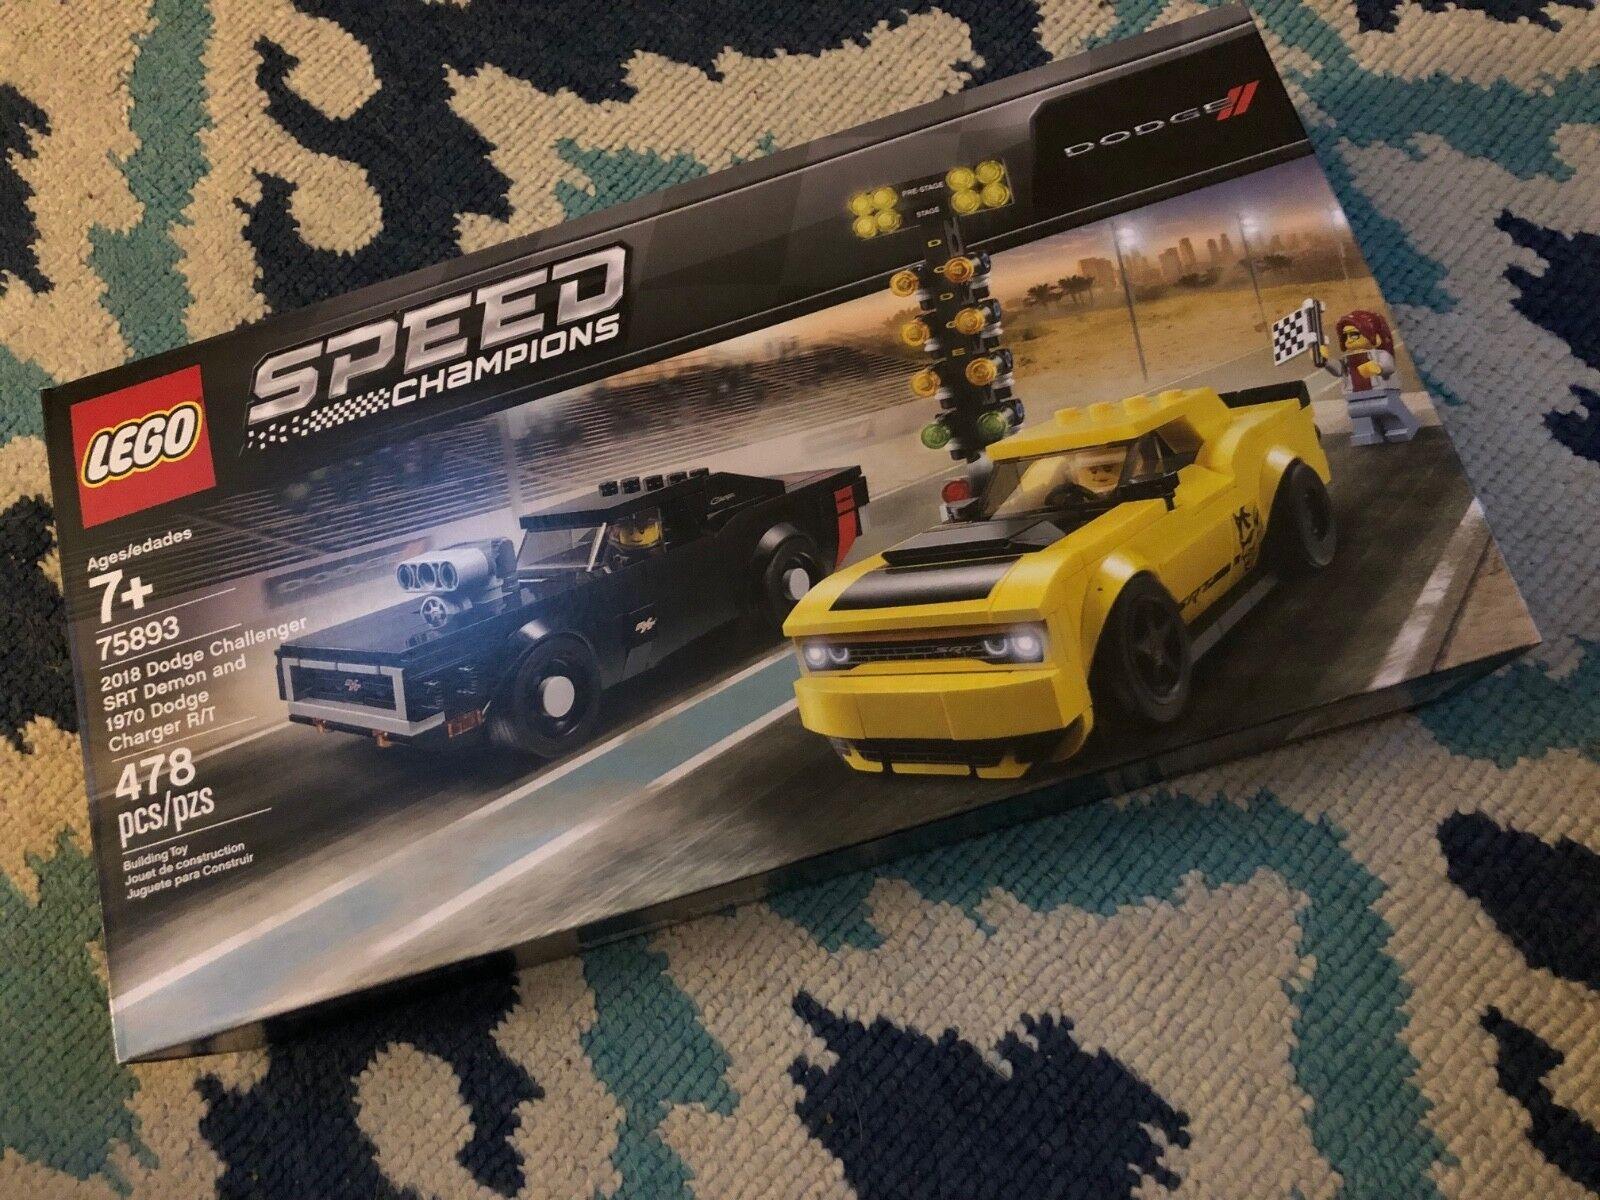 Nuevo en caja Lego VELOCIDAD CAMPEONES - 2018 Dodge Dodge Challenger SRT demonio &'70 Cochegador De 75893  liquidación hasta el 70%